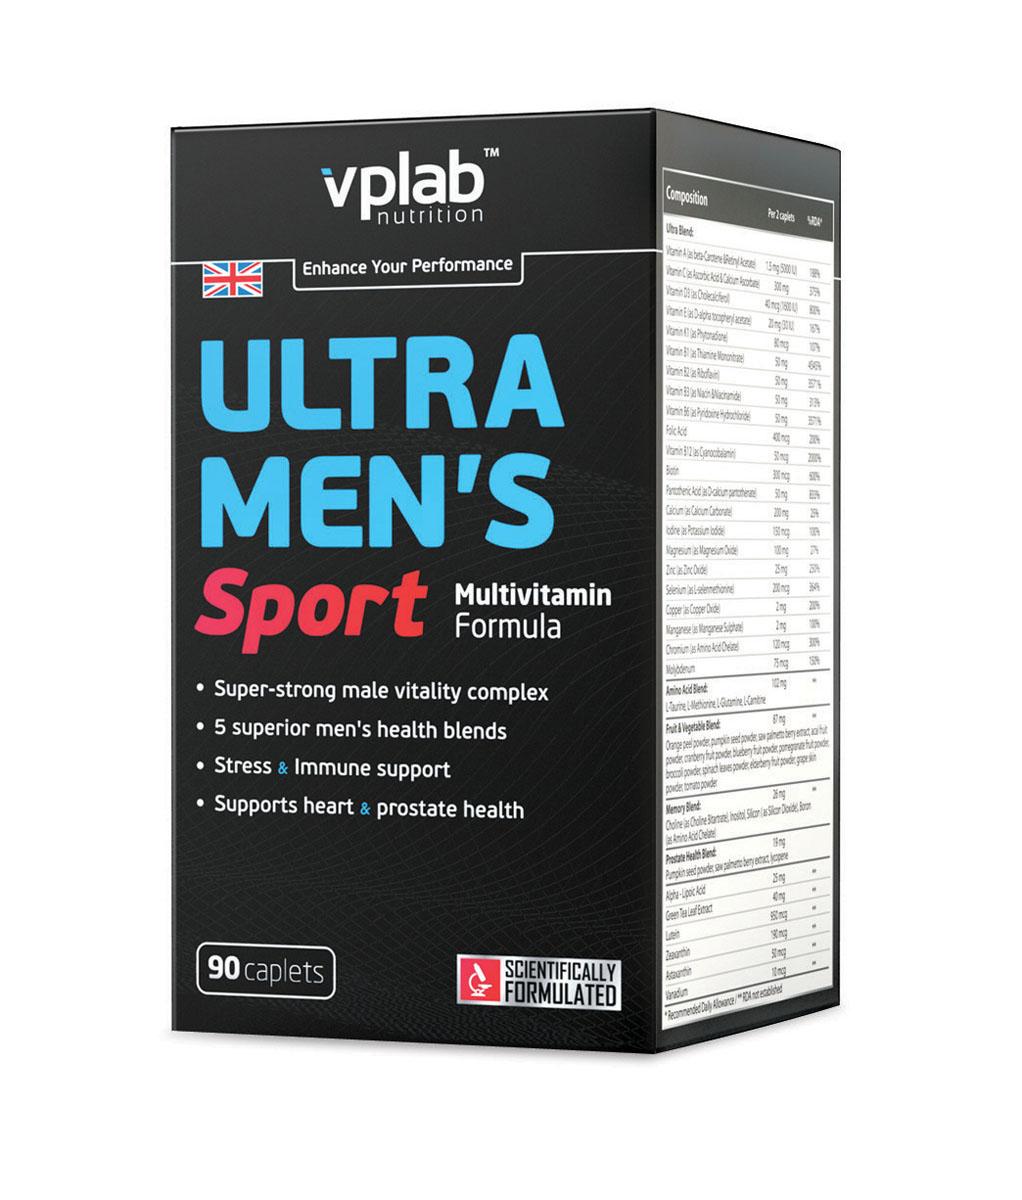 """Витаминно-минеральный комплекс для мужчин Vplab """"Ultra Men's Sport Multivitamin Formula"""", 90 капсул, VP Laboratory"""